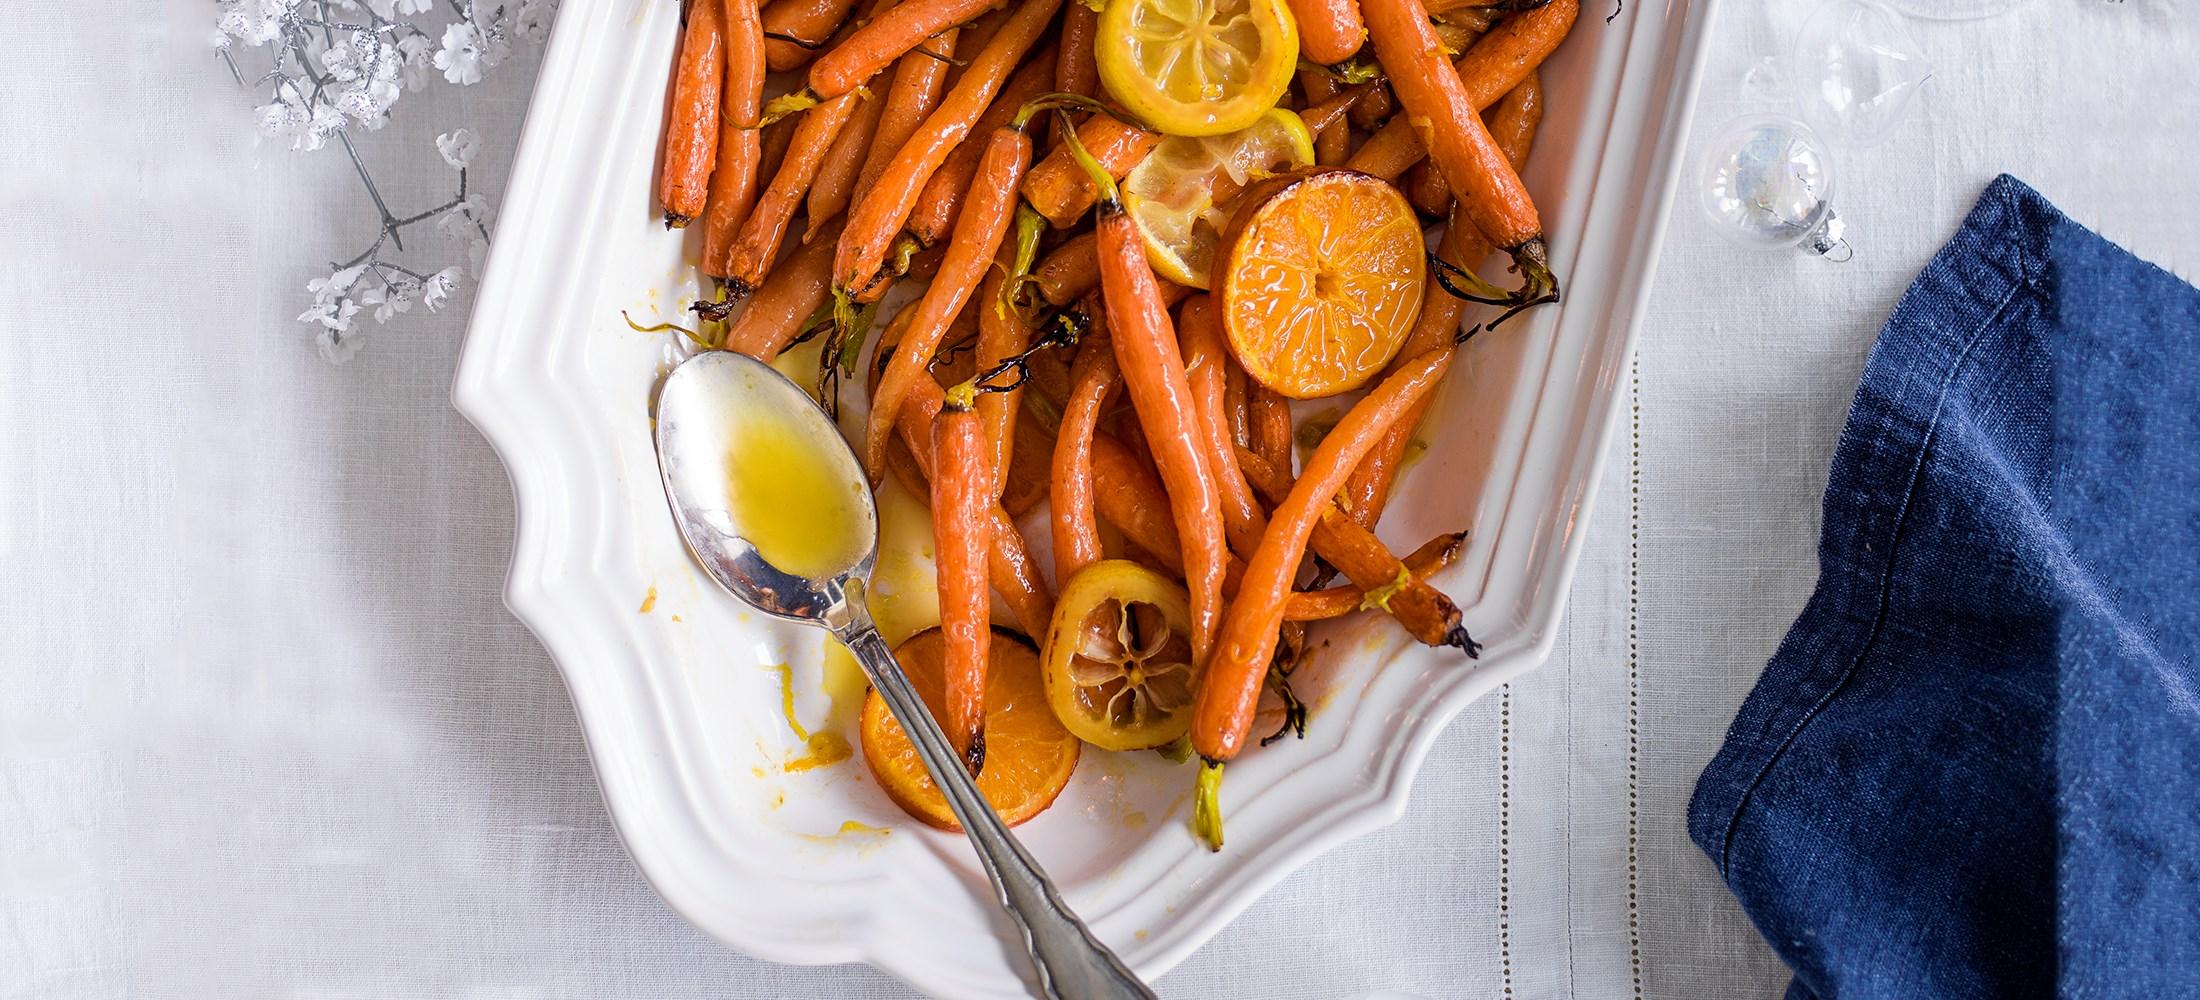 citrus carrots